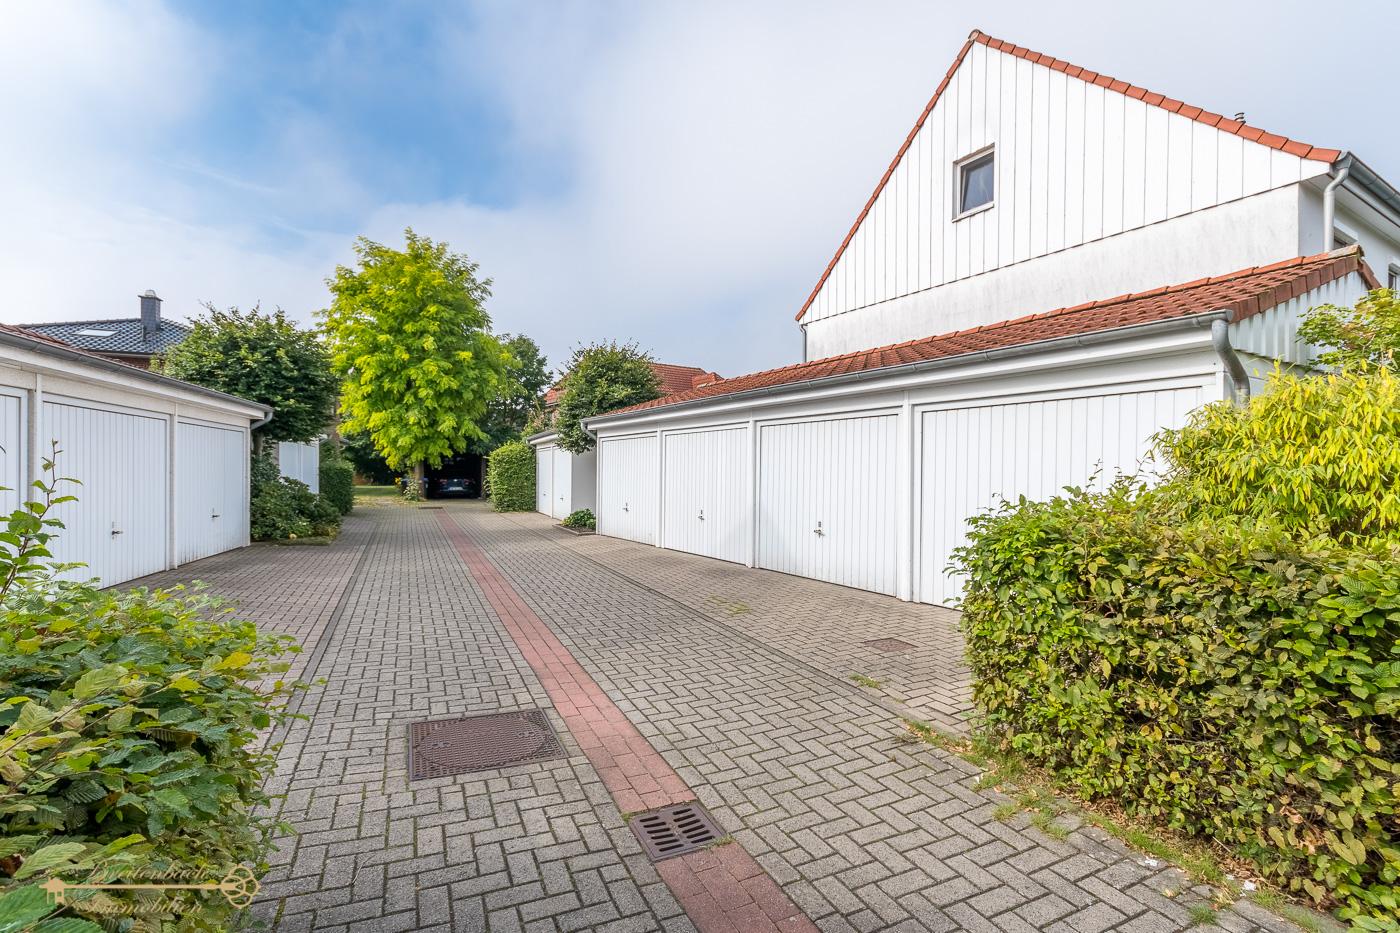 2019-09-08-Breitenbach-Immobilien-1